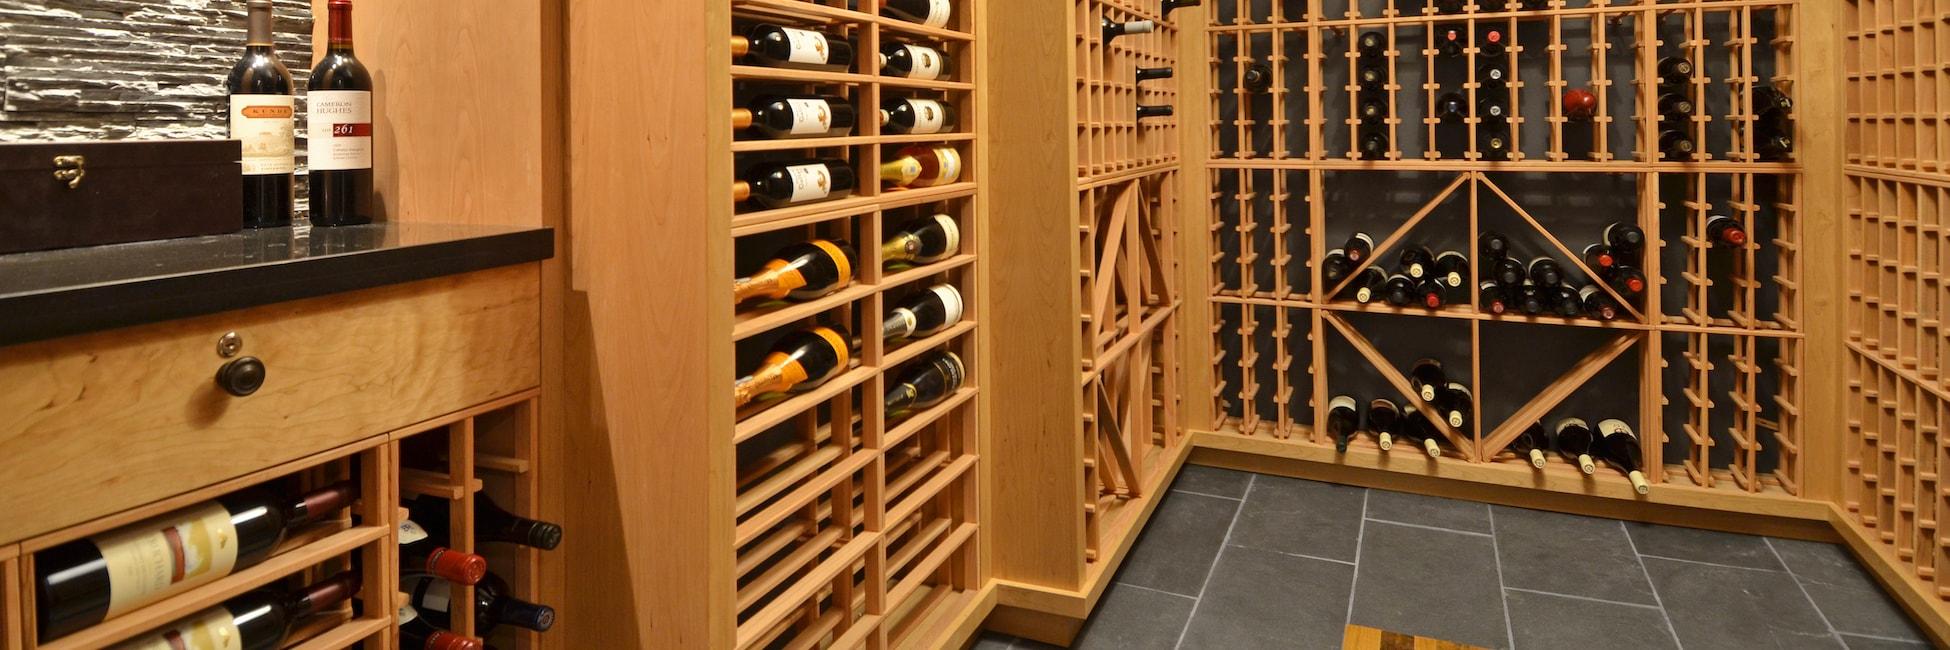 vin keep top